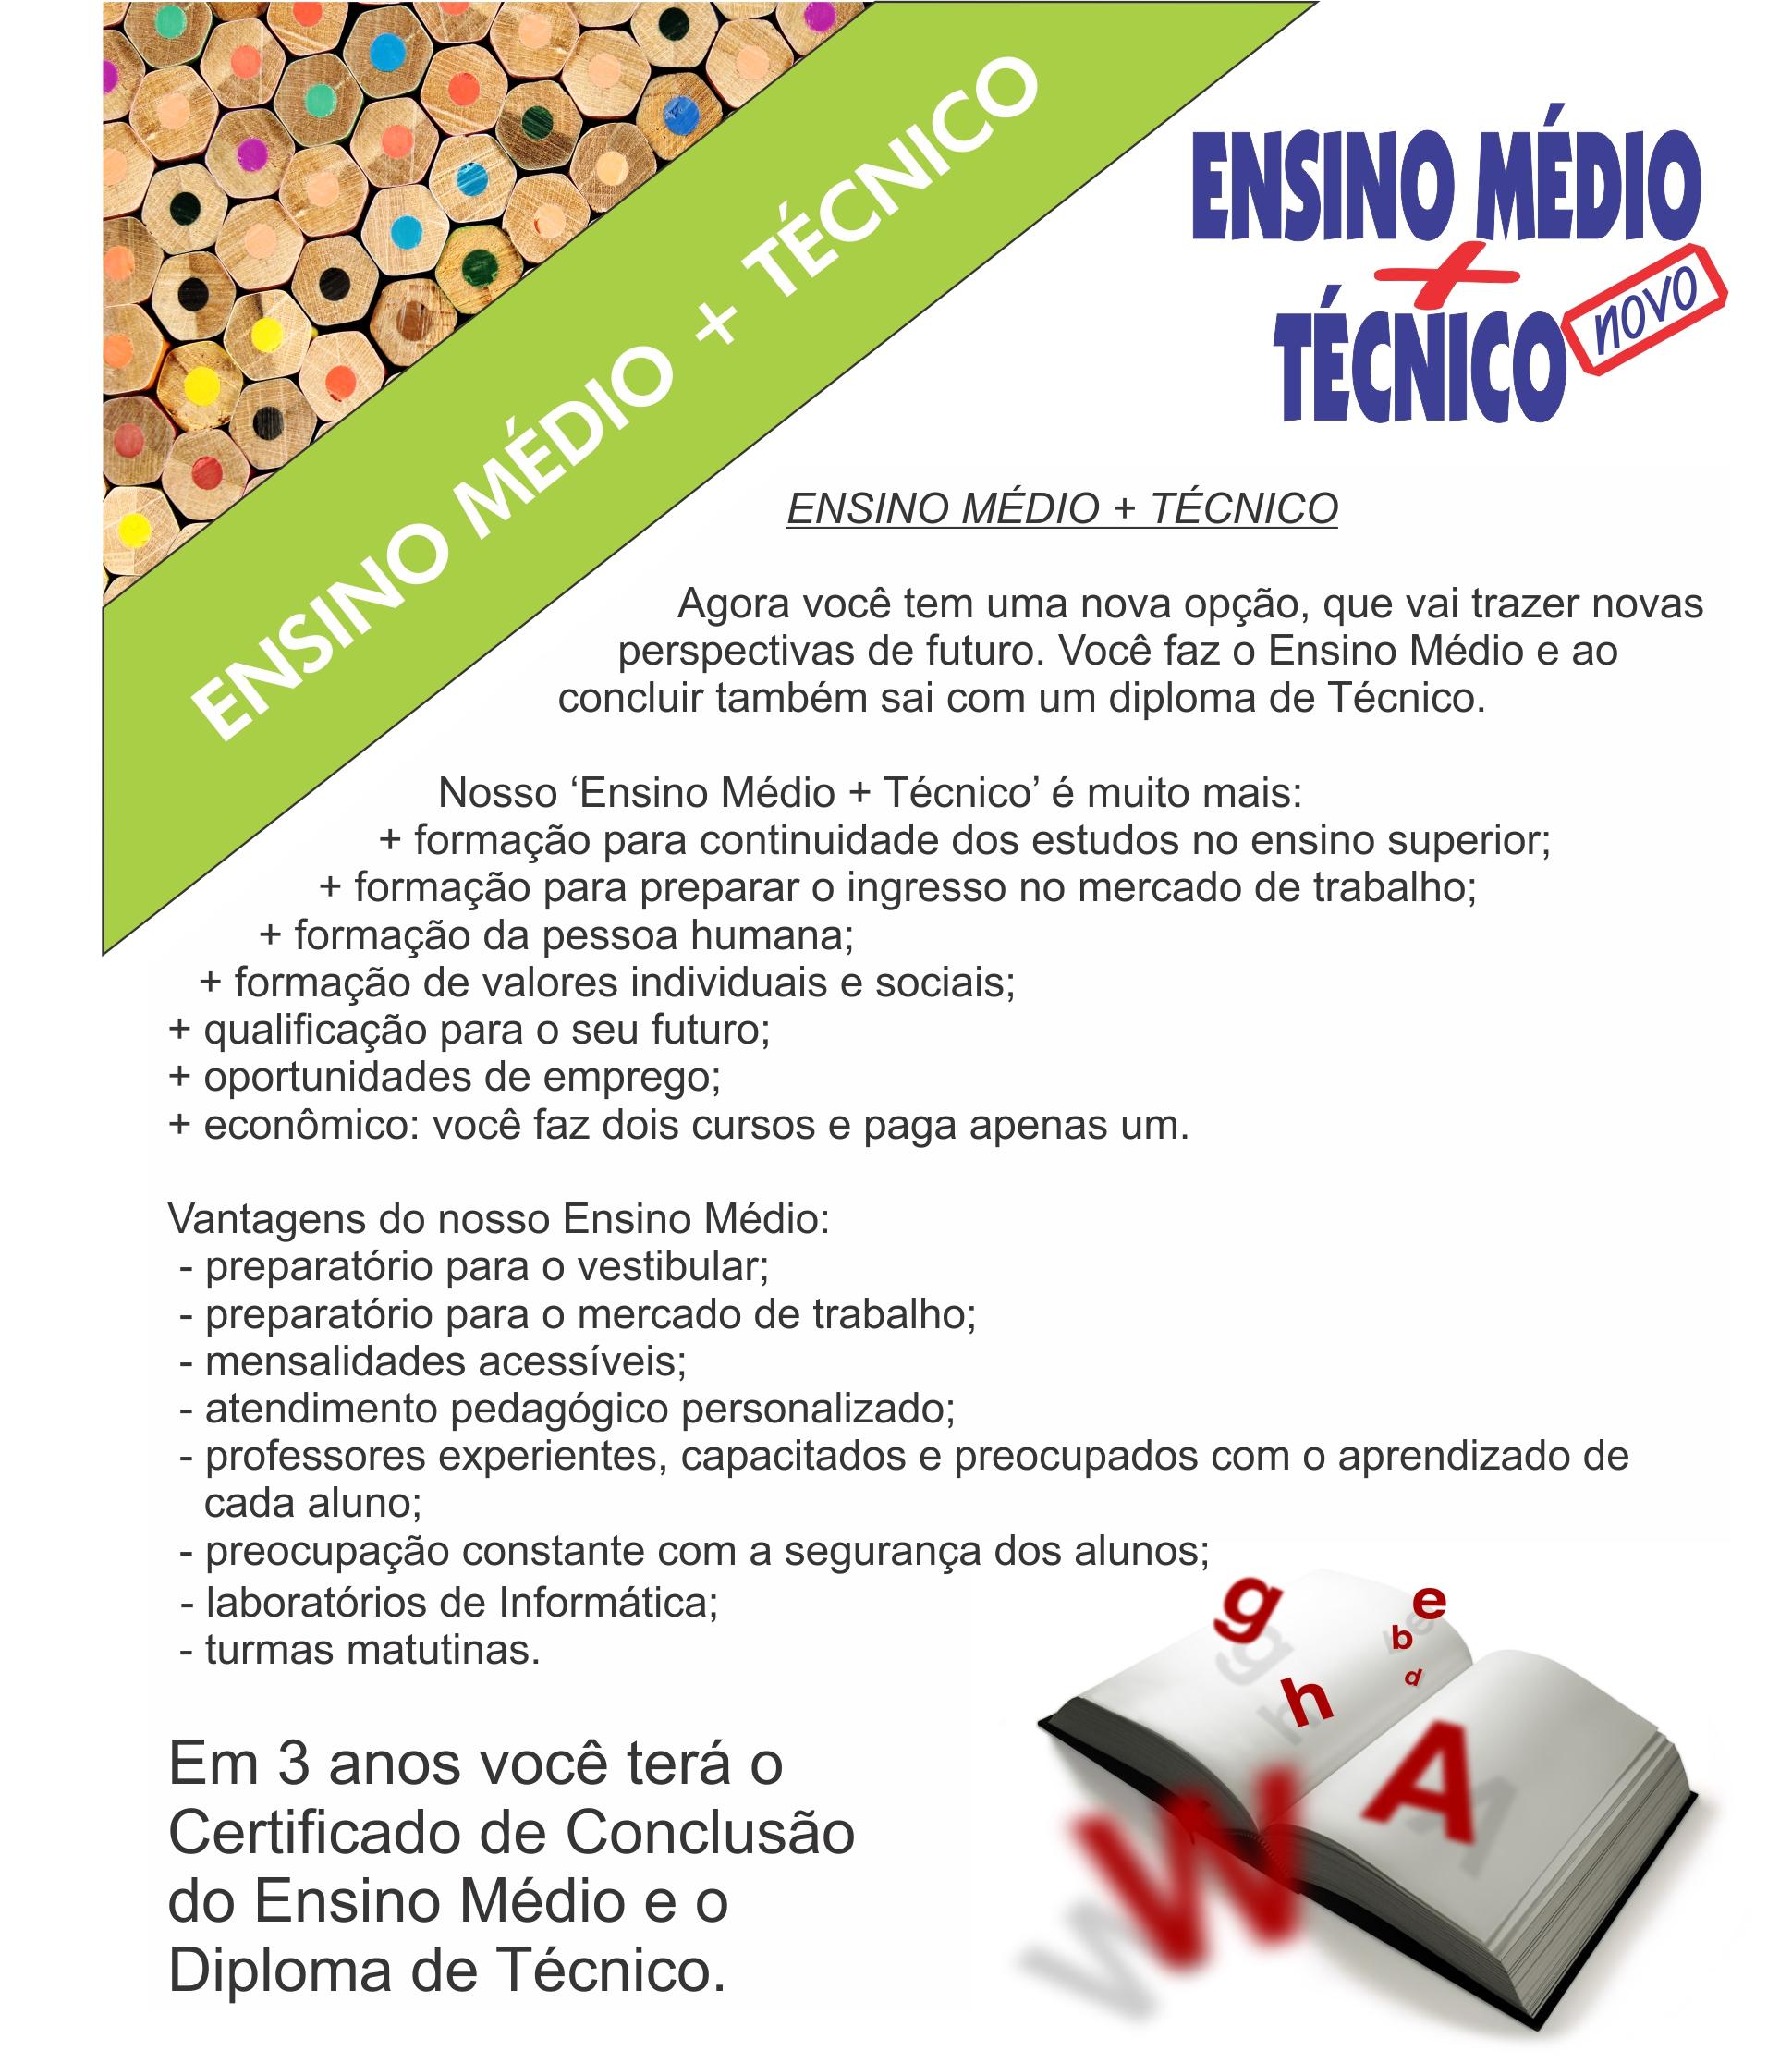 Conteudo_Site_5